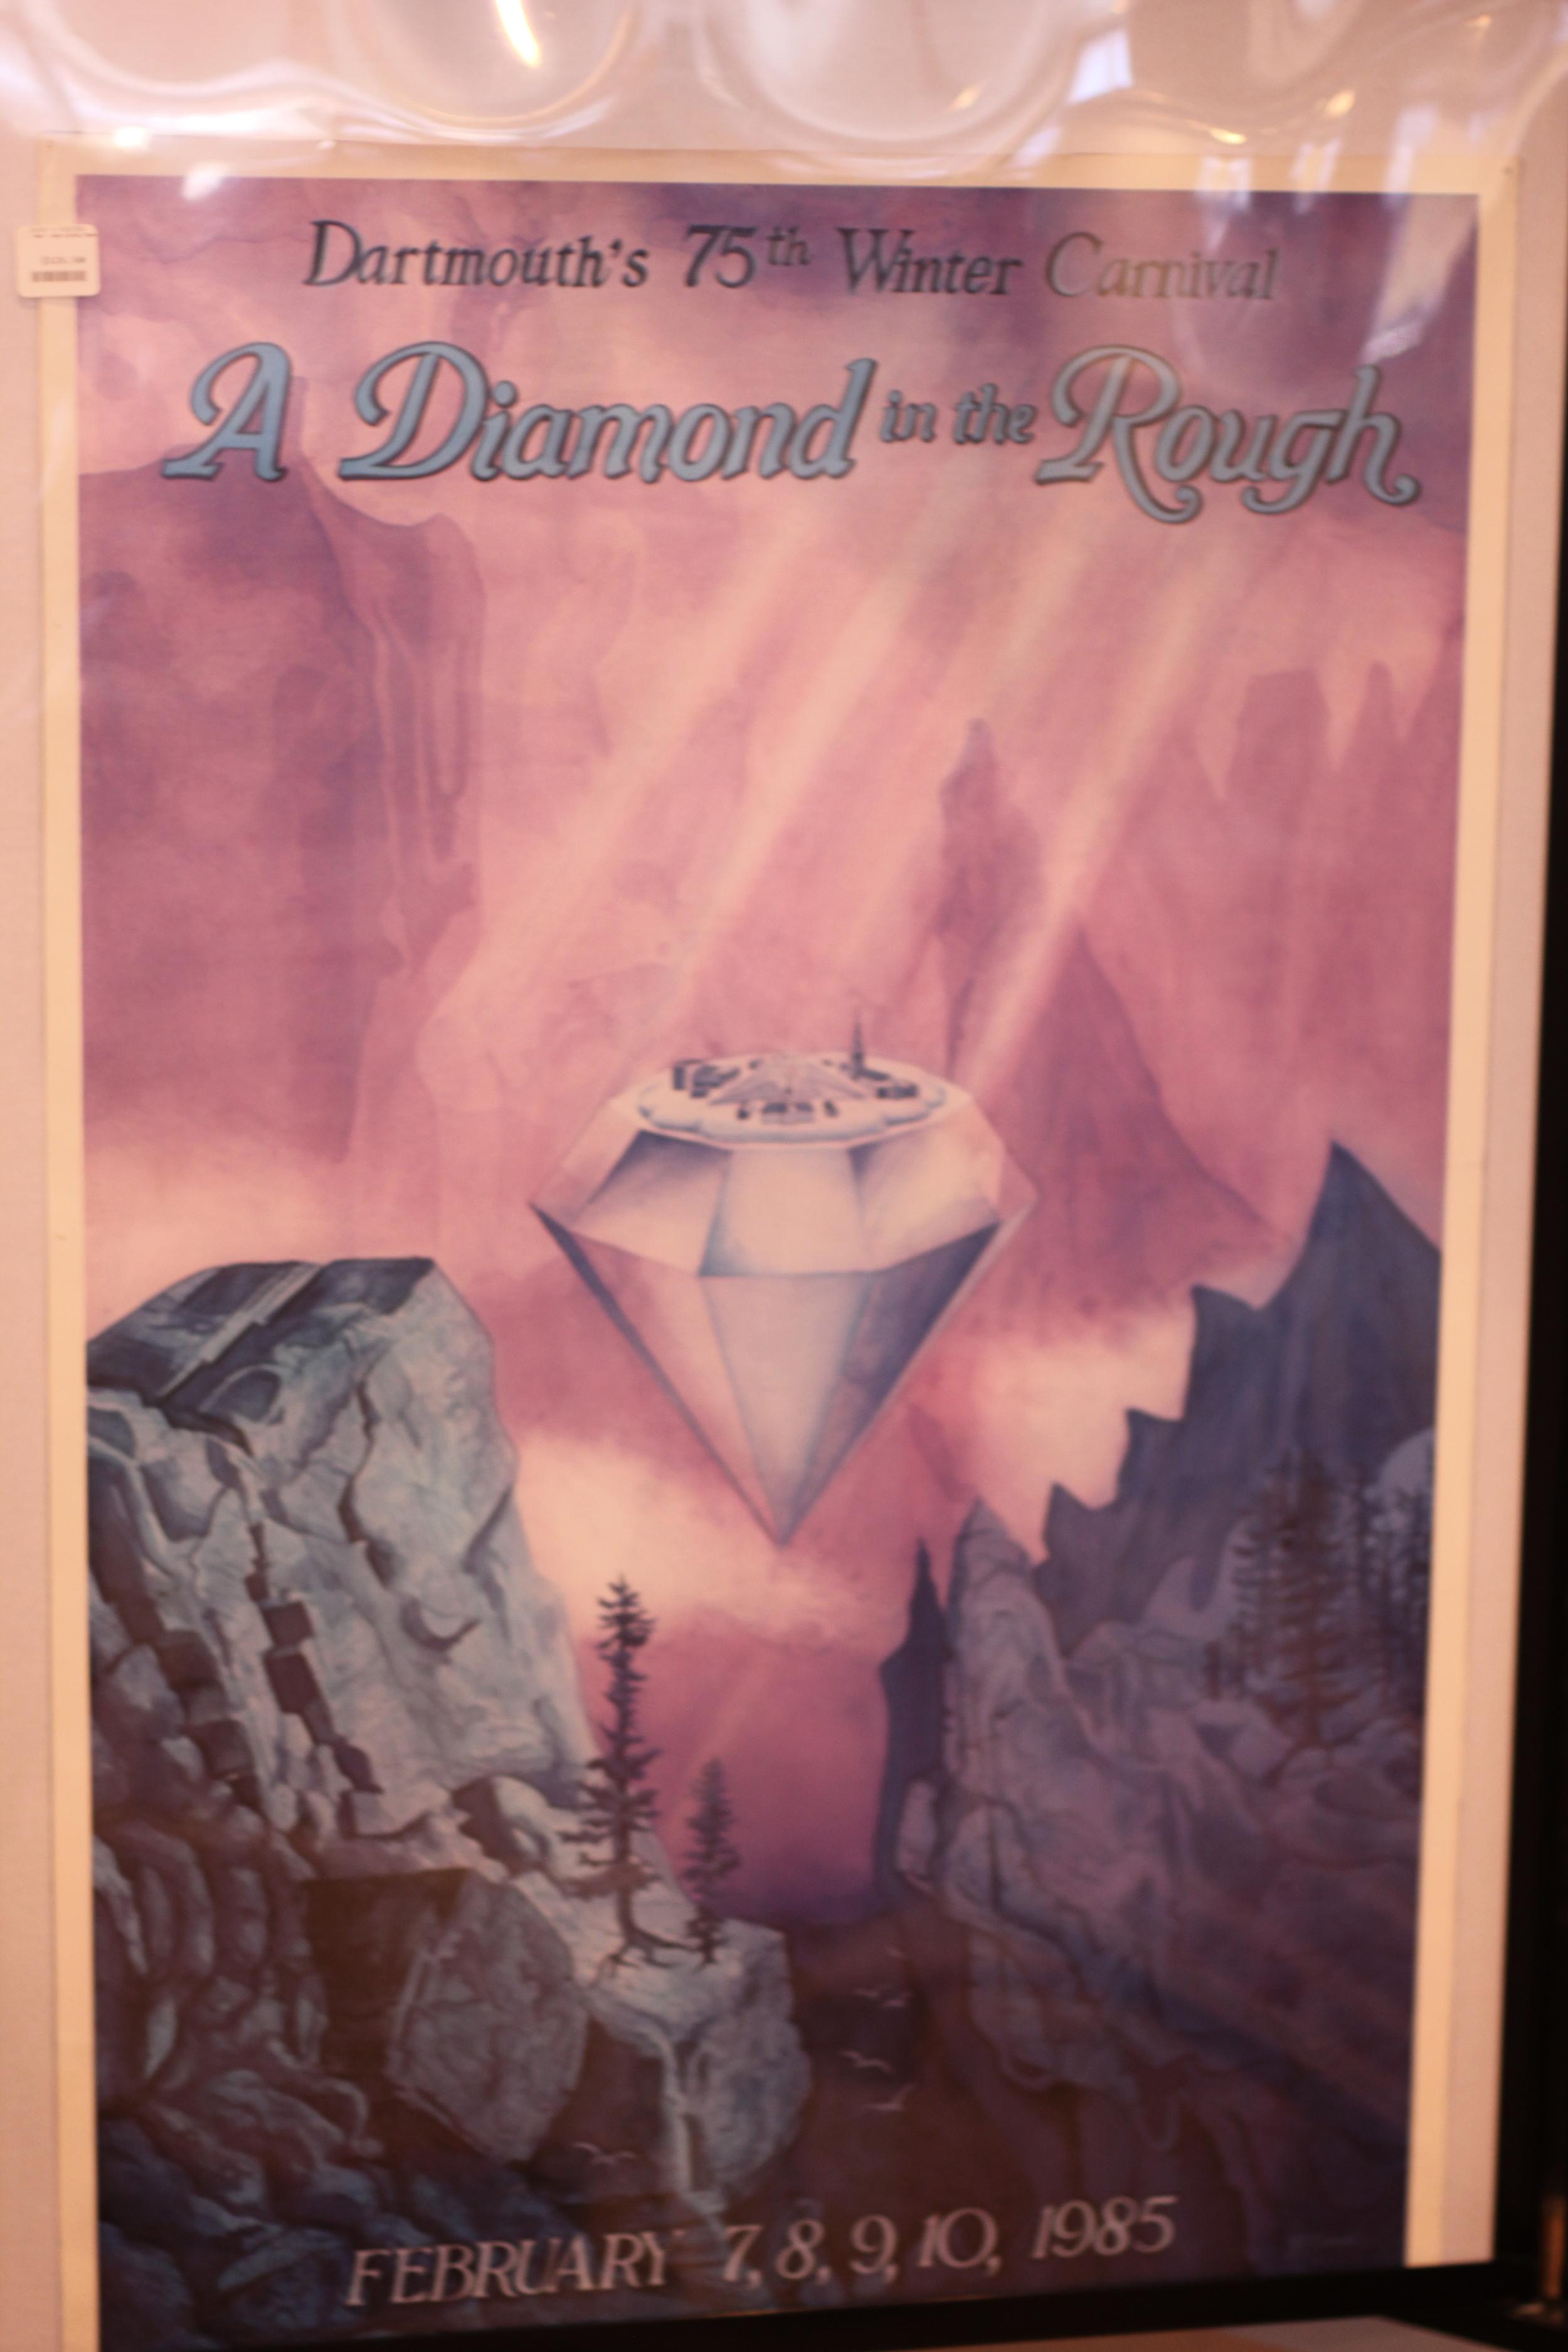 Dartmouth Winter Carnival 1985